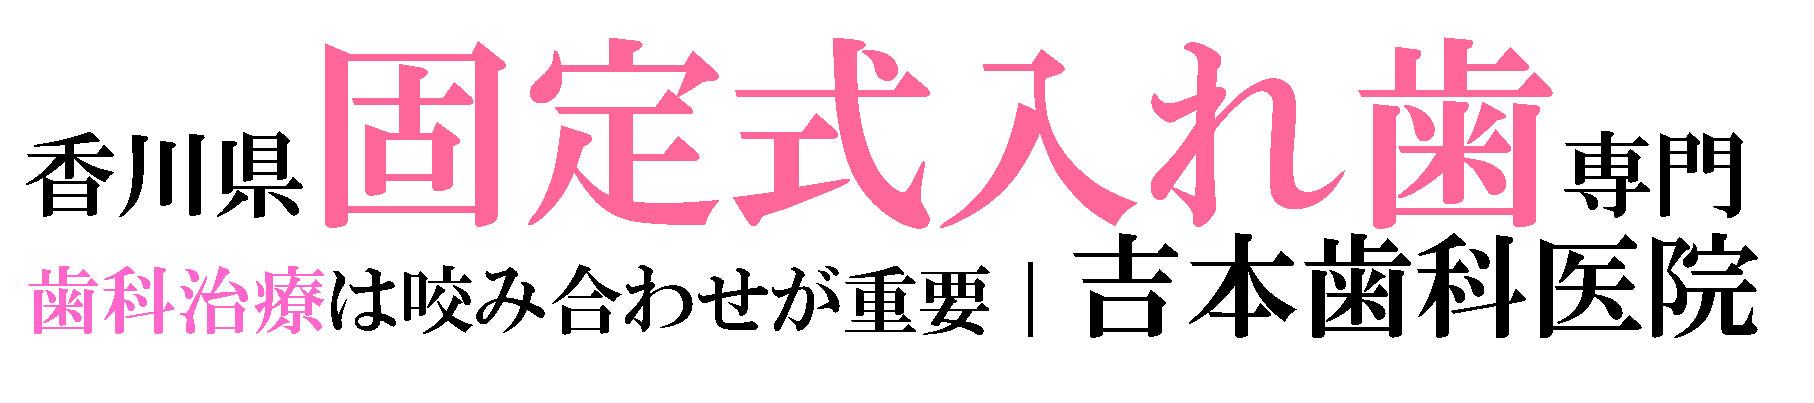 噛めない、痛い、合わない入れ歯でお悩みなら咬み合わせ専門の吉本歯科医院へ|香川県高松市